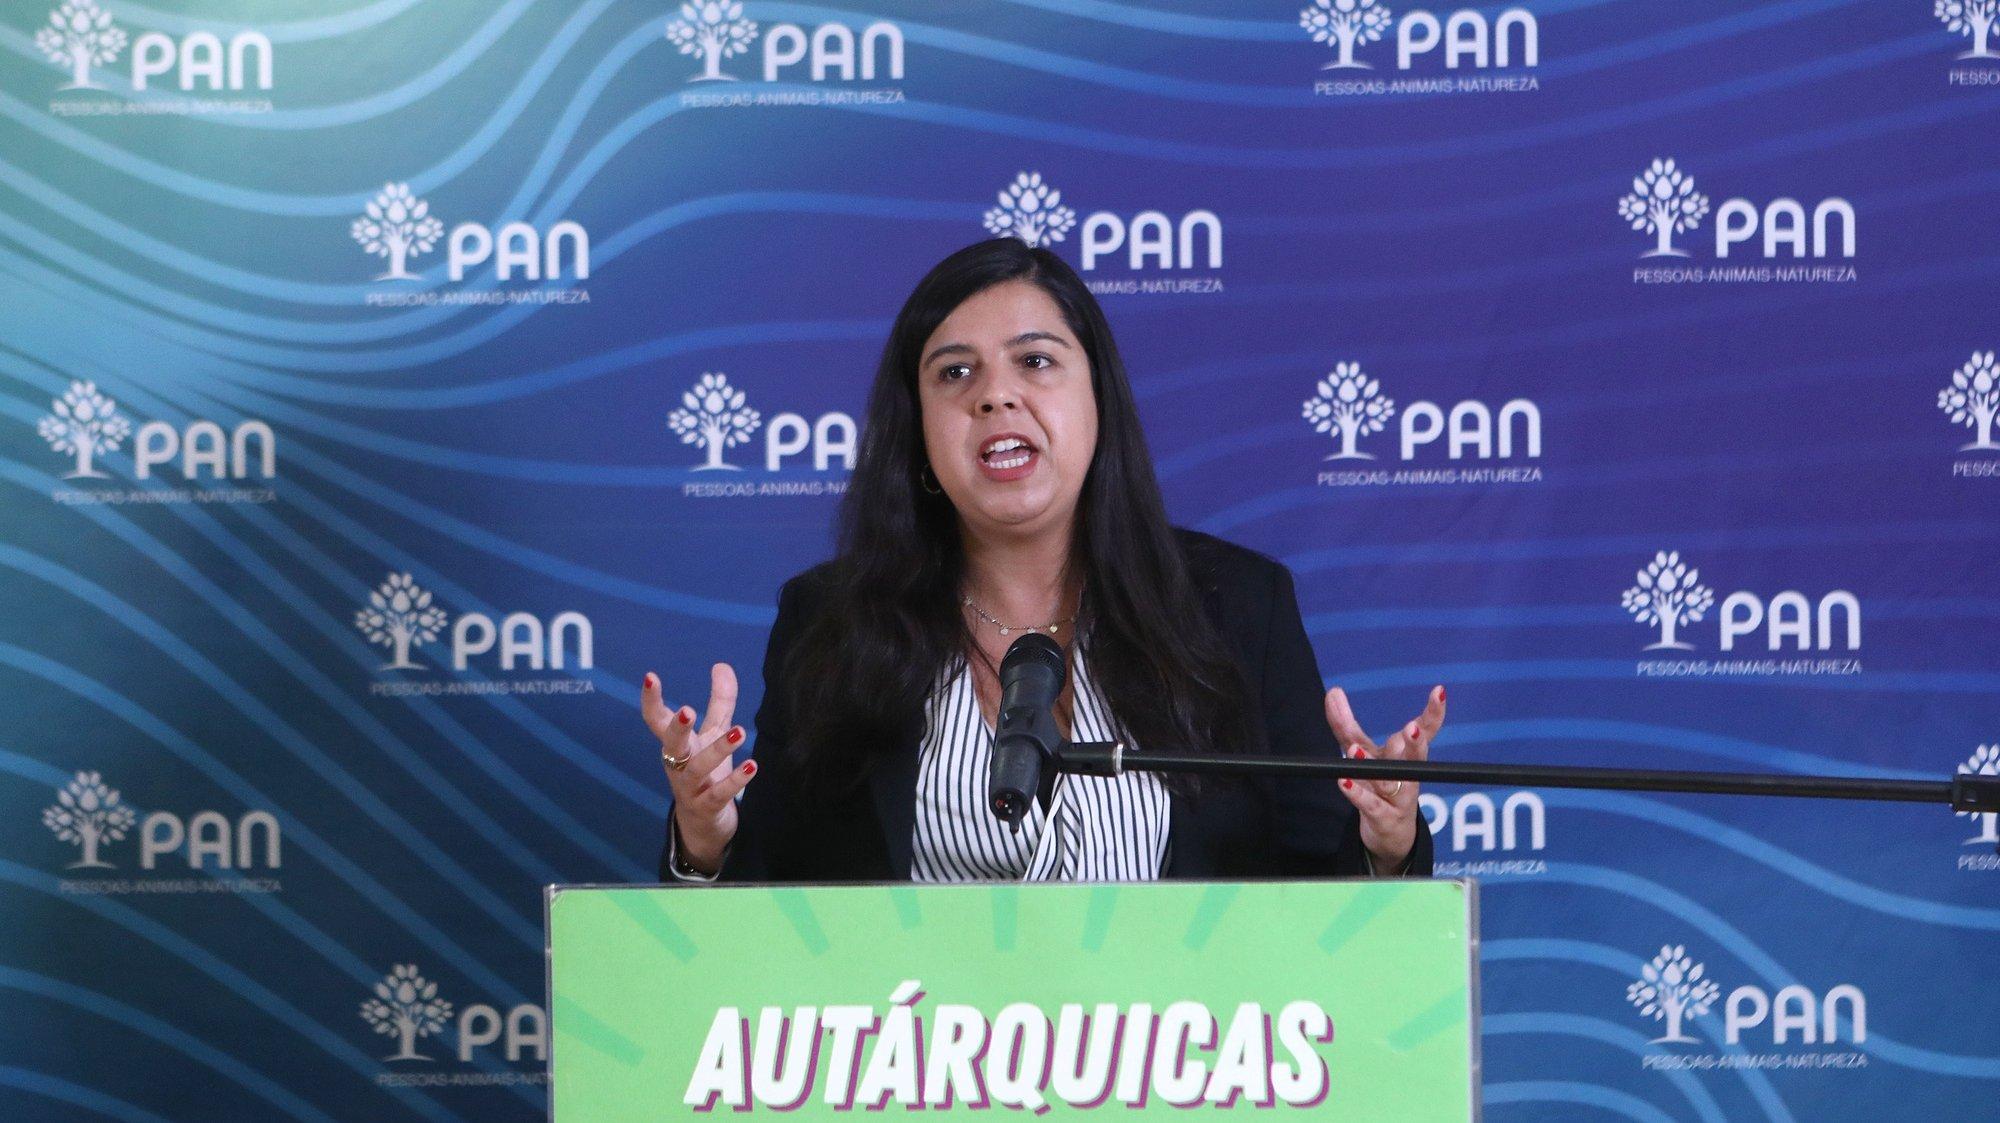 A porta-voz do PAN - Pessoas-Animais-Natureza, Inês de Sousa Real, intervém durante a apresentação do programa eleitoral ao concelho, em Lisboa, 14 de setembro de 2021. ANTÓNIO PEDRO SANTOS/LUSA